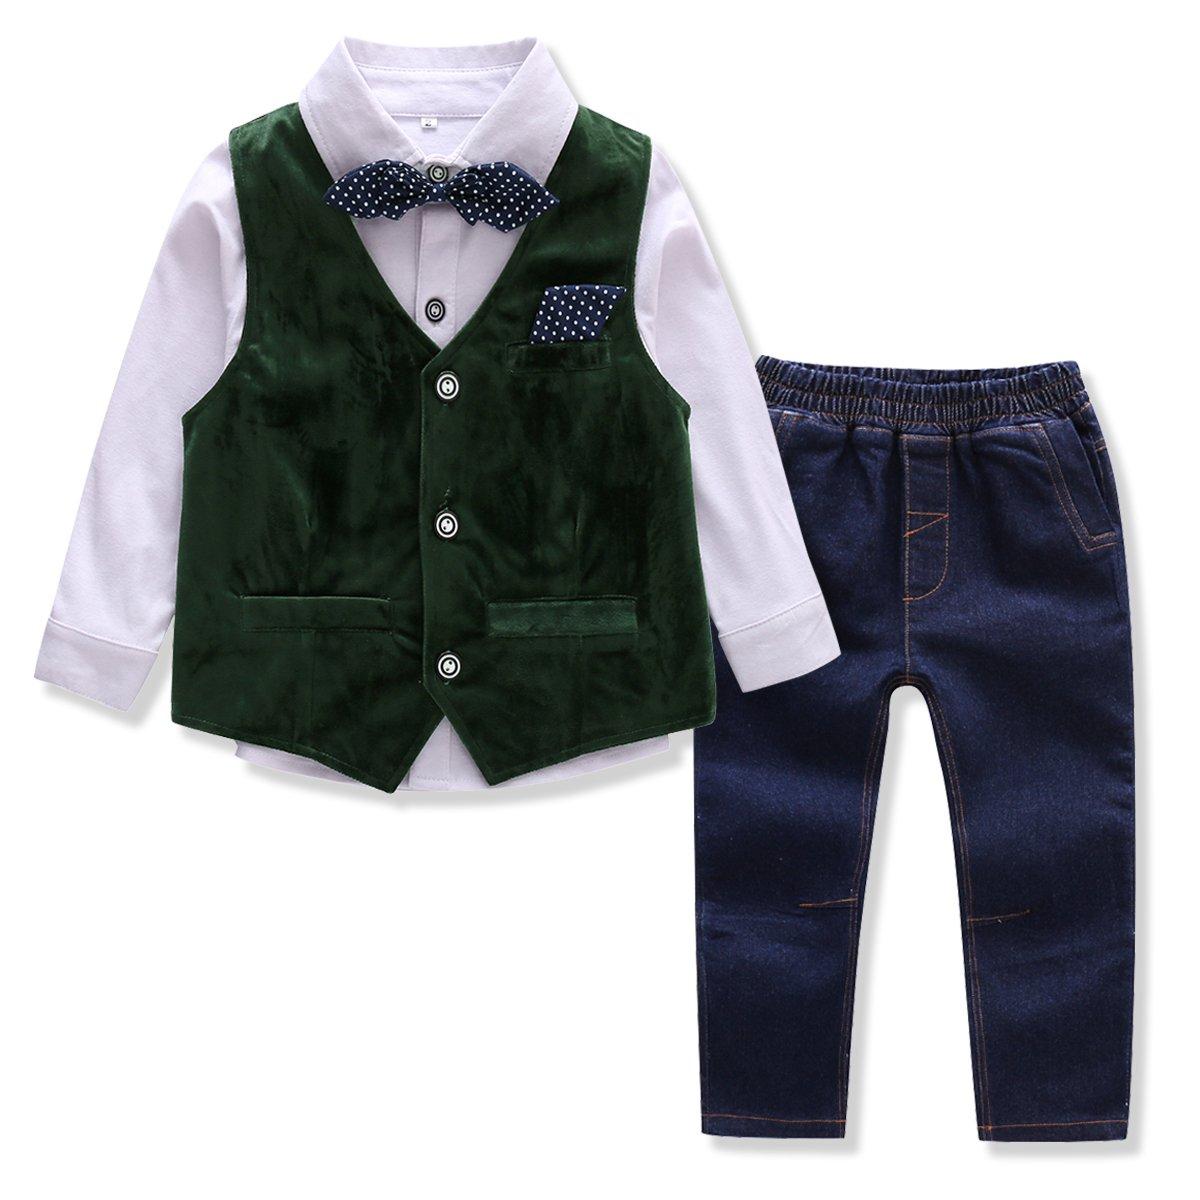 0427ef7419a Amazon.com  Baby Boys Clothes Gentleman Bowtie Corduroy Vest Shirt Denim  Jeans 4 Pcs  Clothing